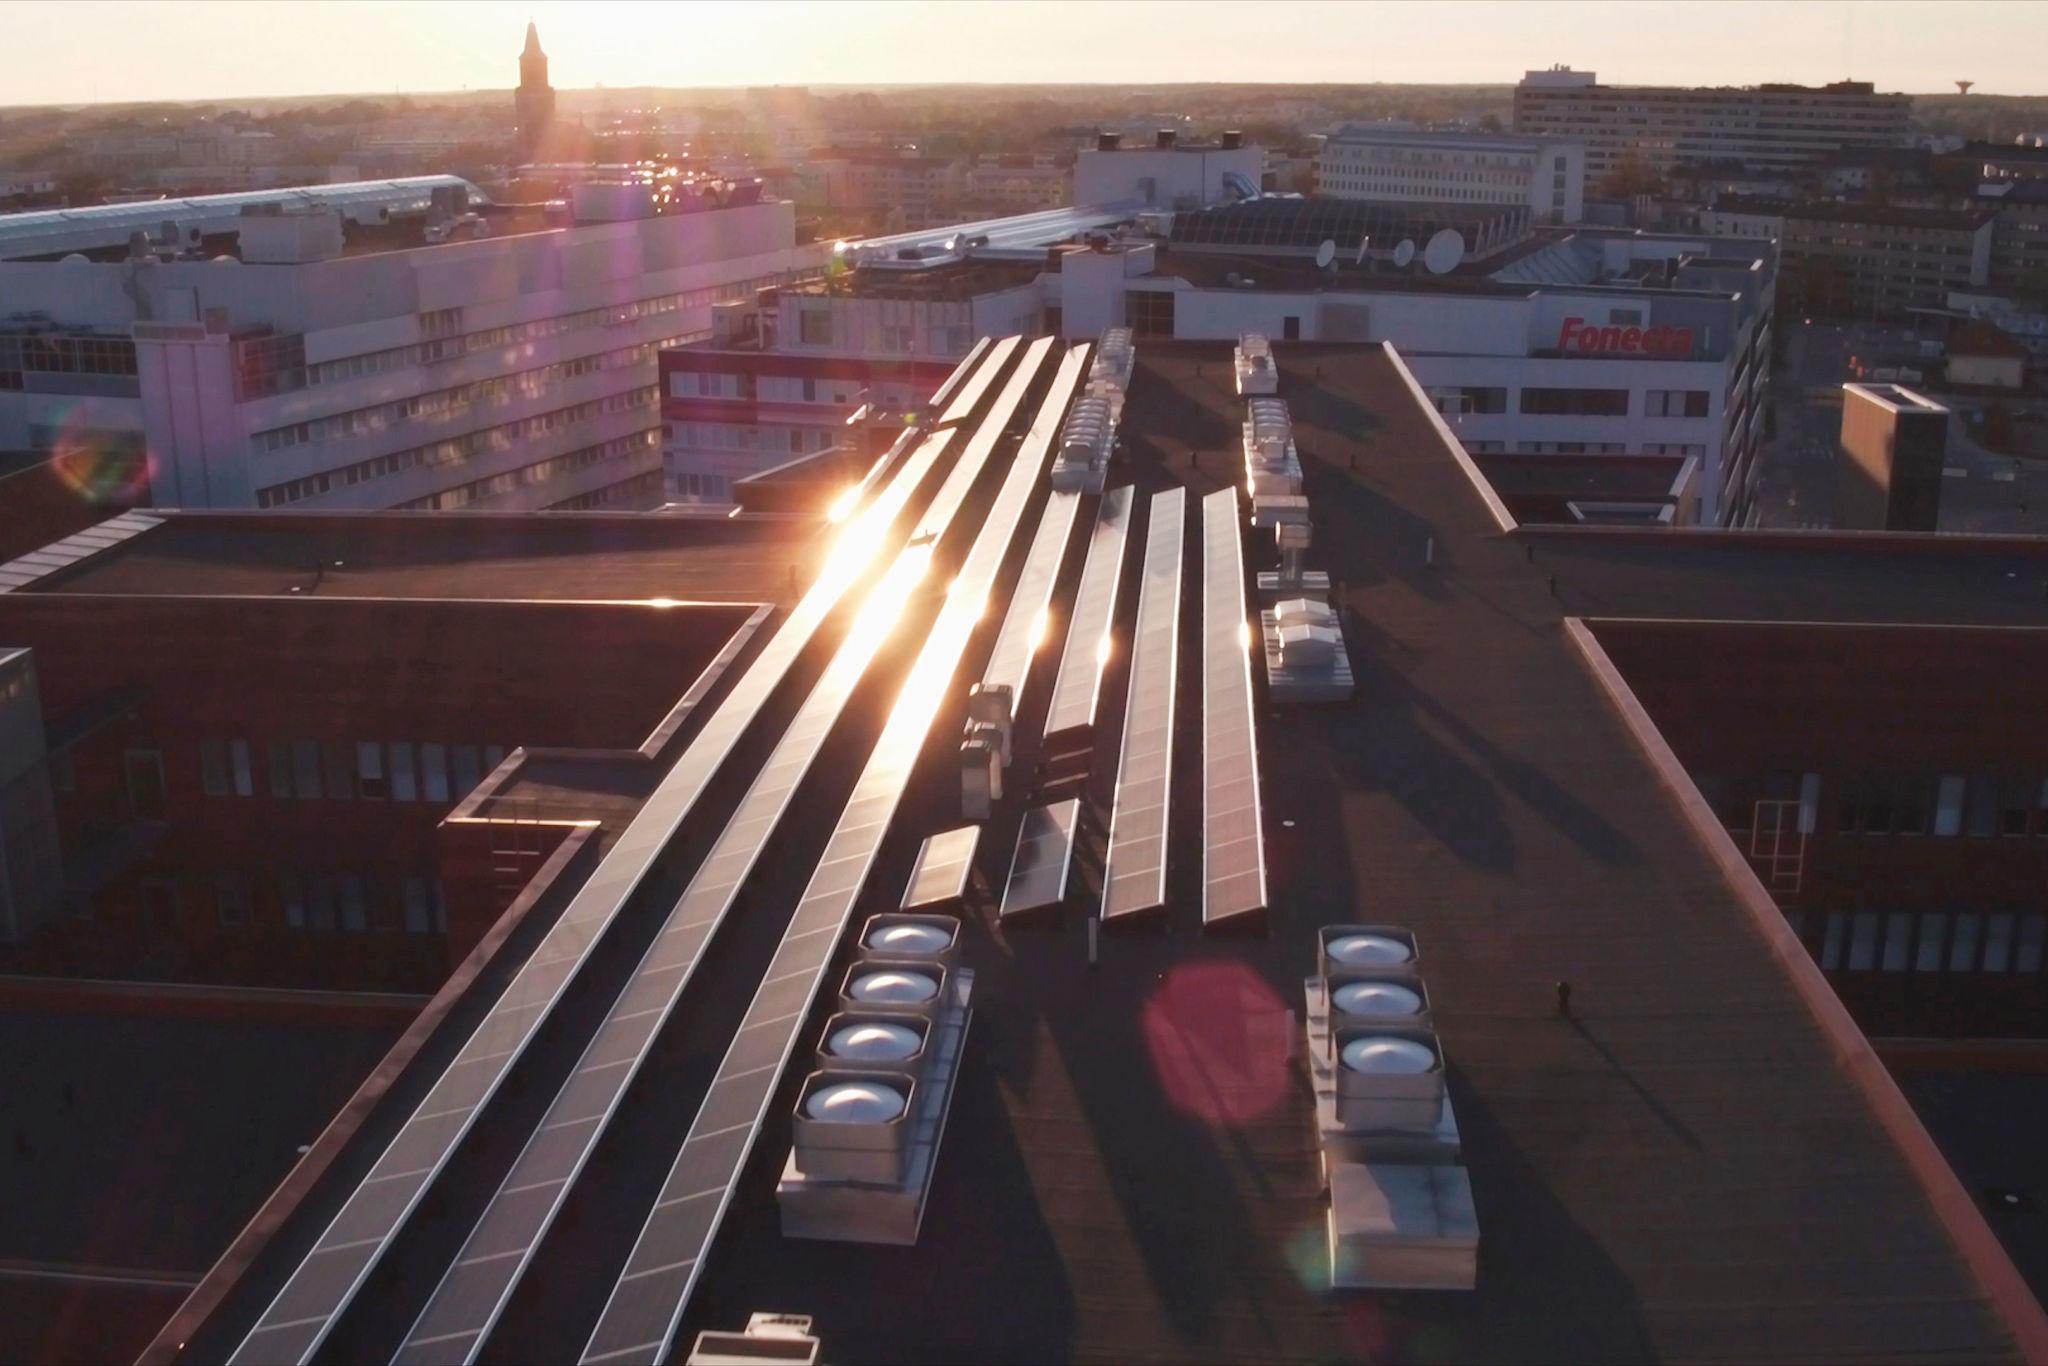 Turun Kupittaan Teknologiakiinteistöjen katolle asennetaan 100 aurinkopaneelia lisää.